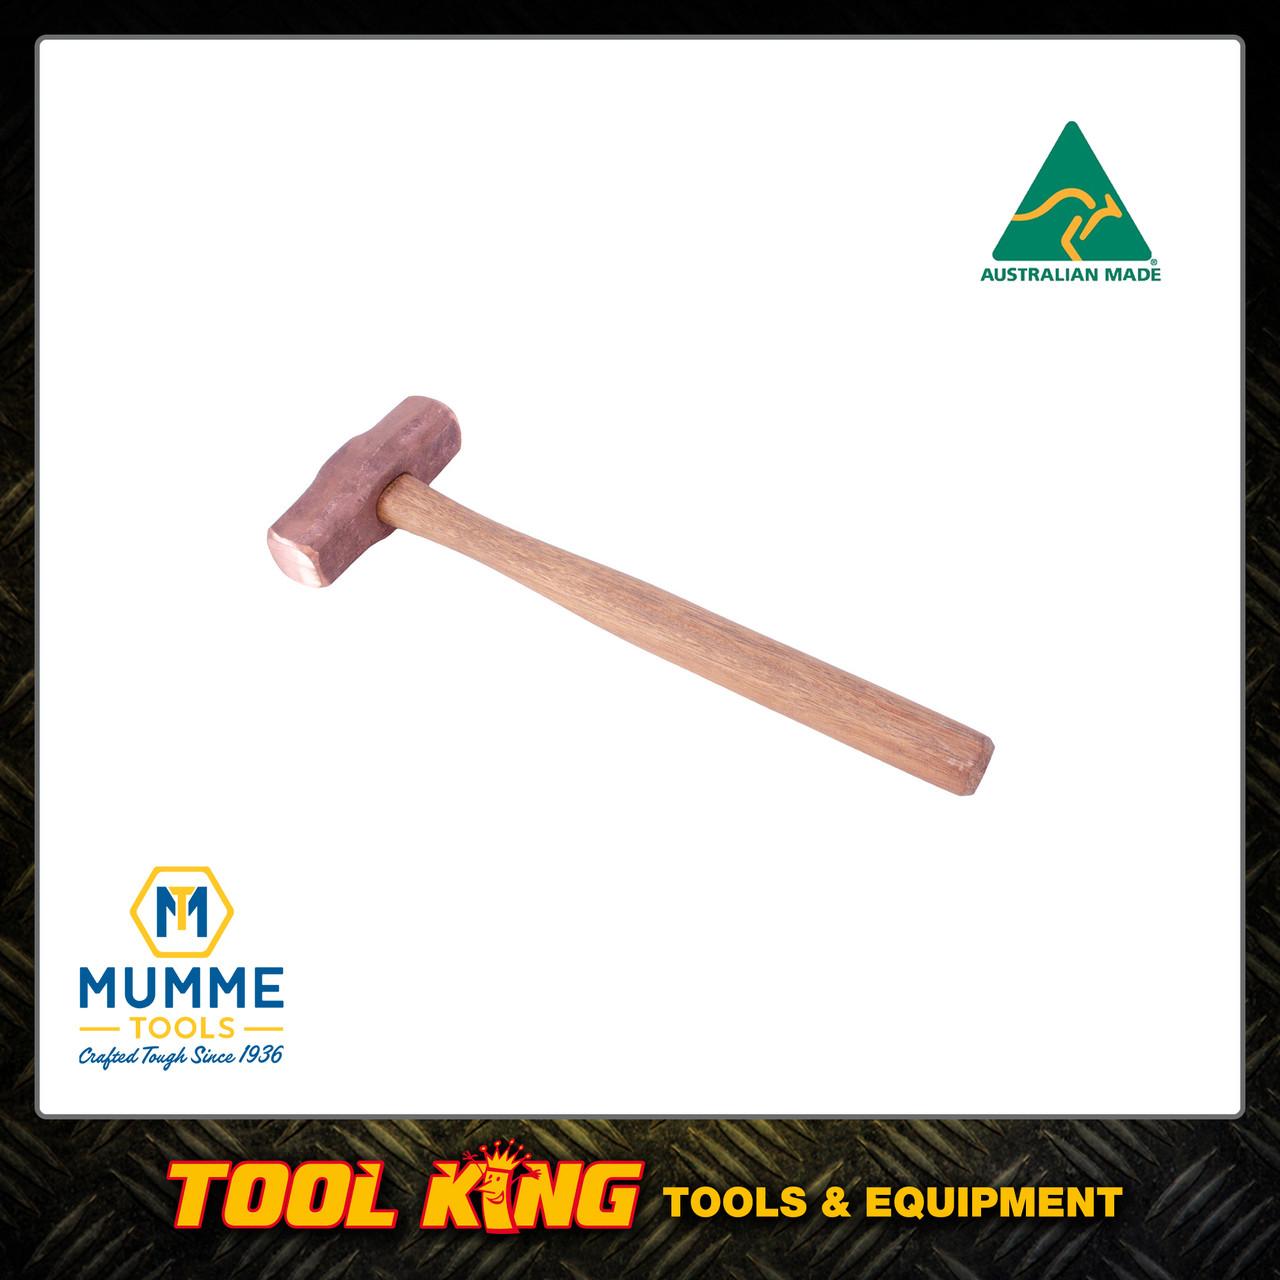 Copper hammer 2lb MUMME Australian made